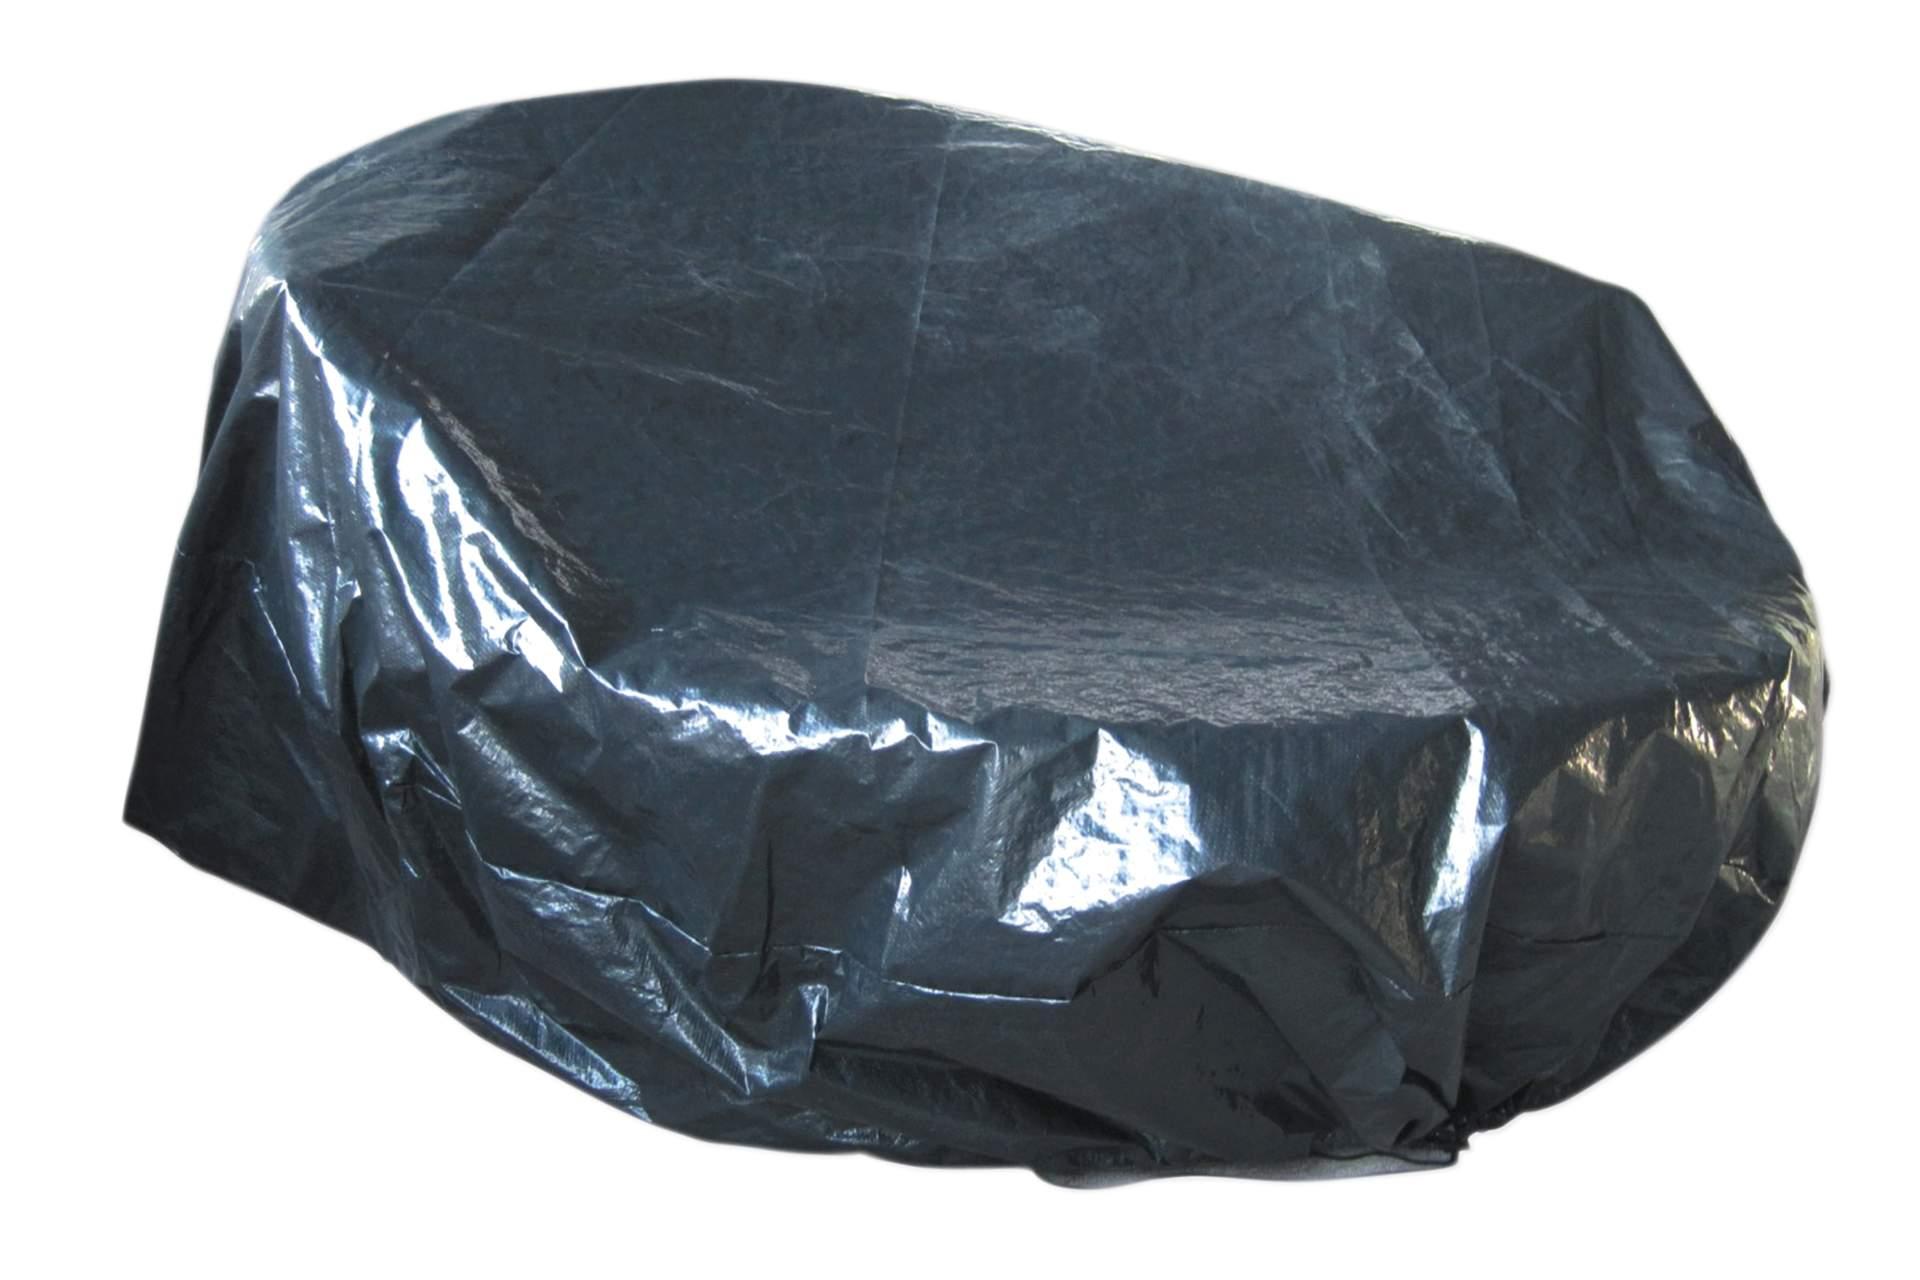 abdeckplane f r sonneninsel 170 cm dunkelgr n wetterschutz gartenm bel haus und garten. Black Bedroom Furniture Sets. Home Design Ideas